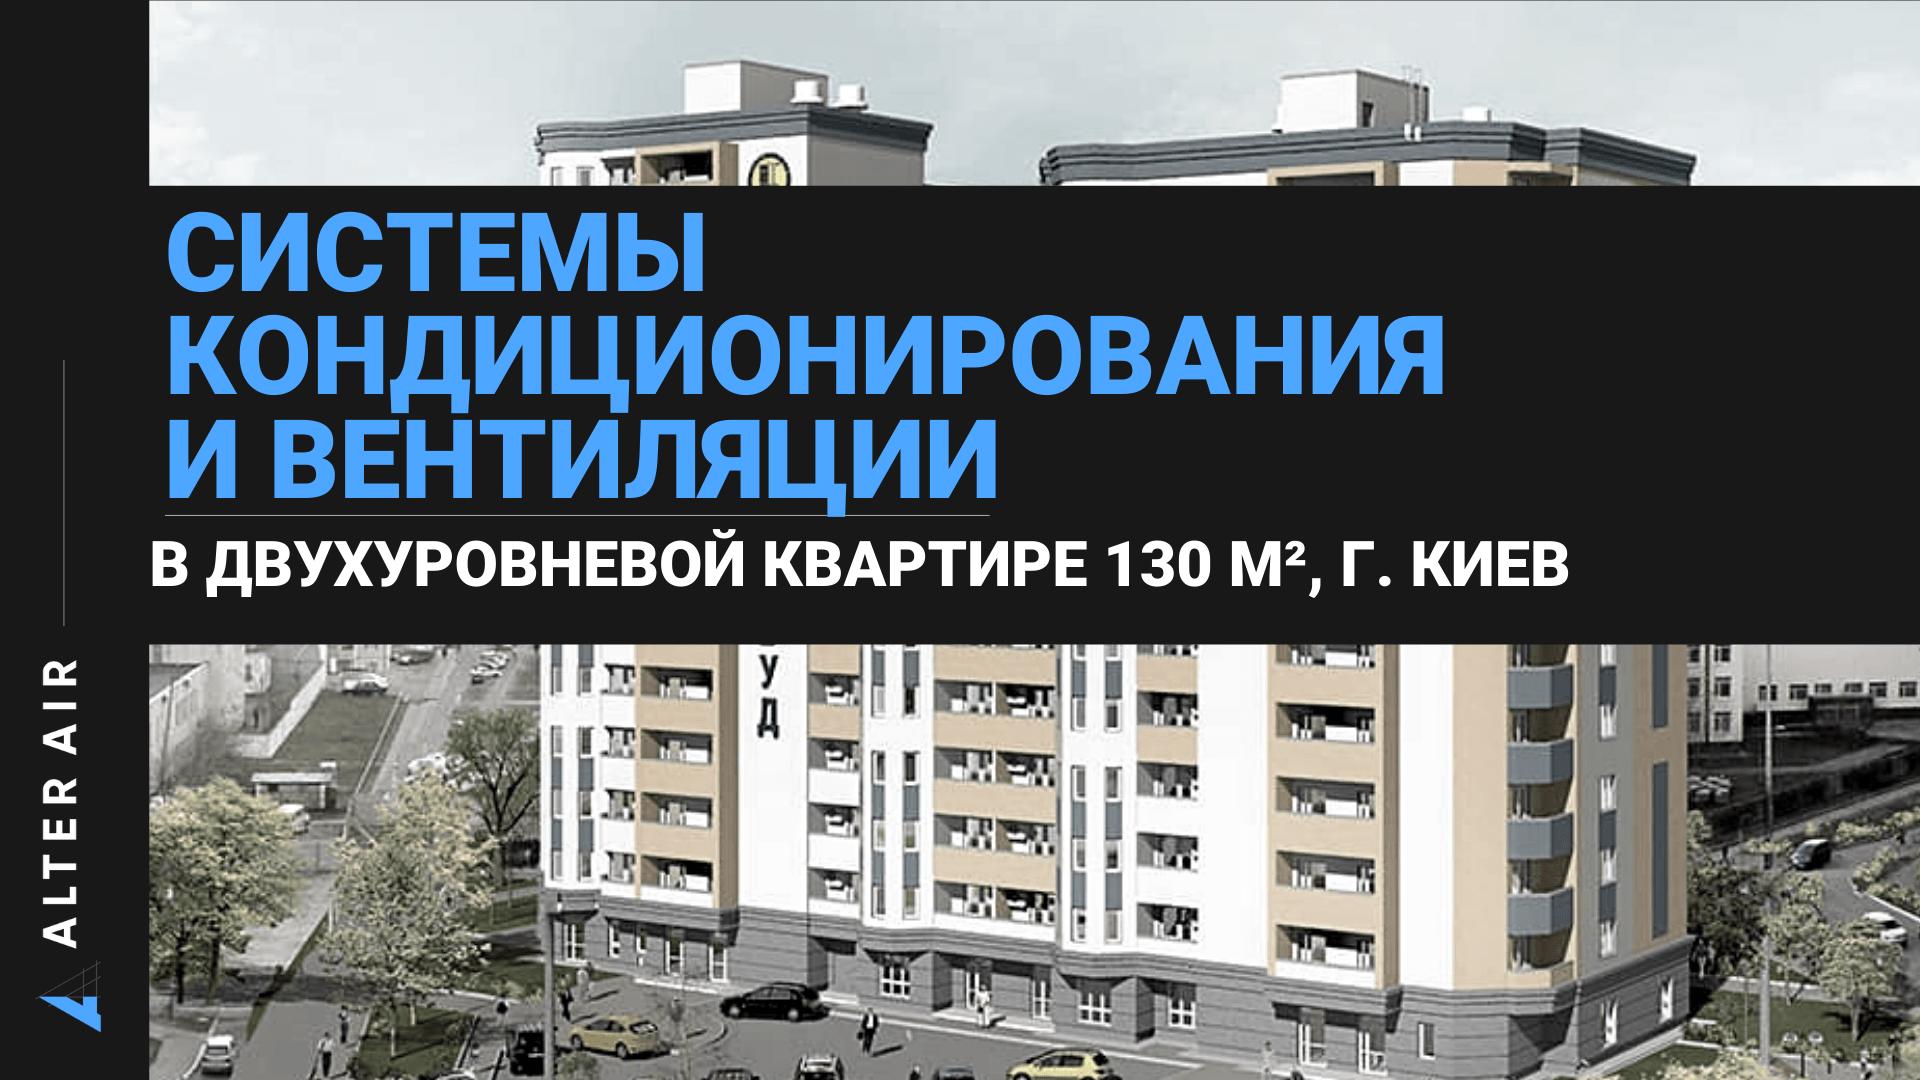 Реалізація кондиціонування, вентиляції квартири (Драгоманова)